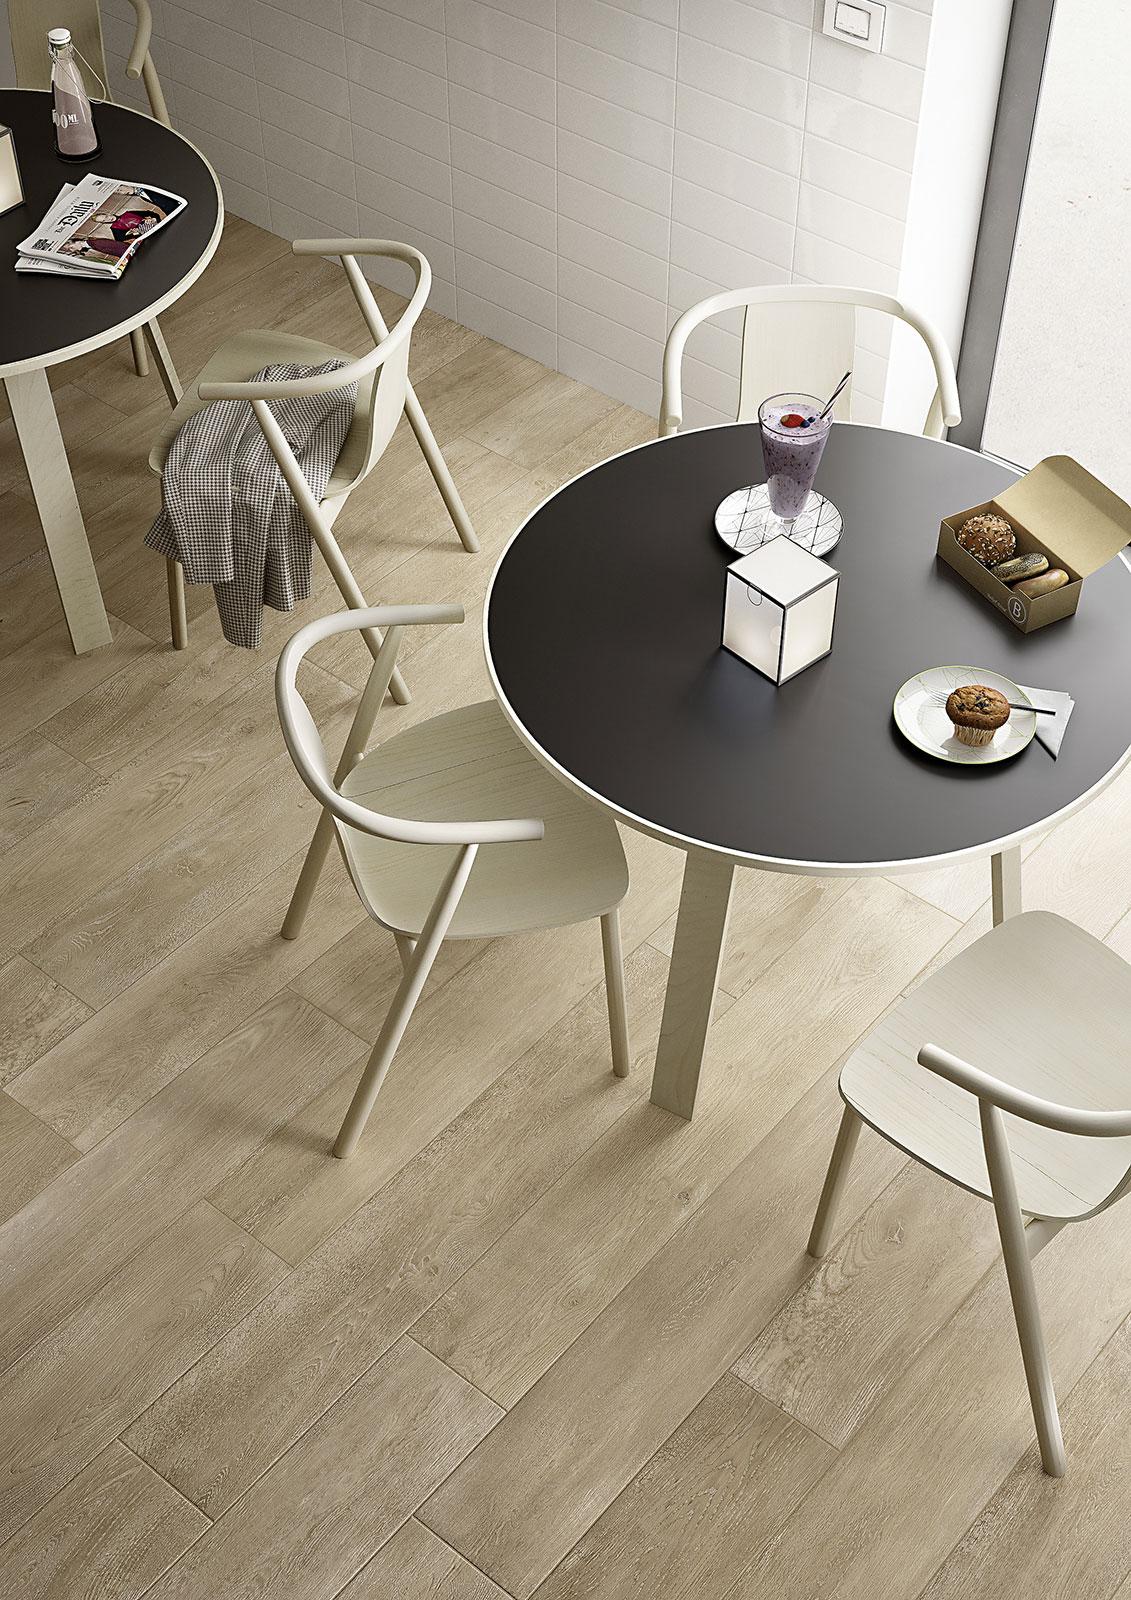 Marazzi Tile Wood Look Gray in Brown and Cream Tones